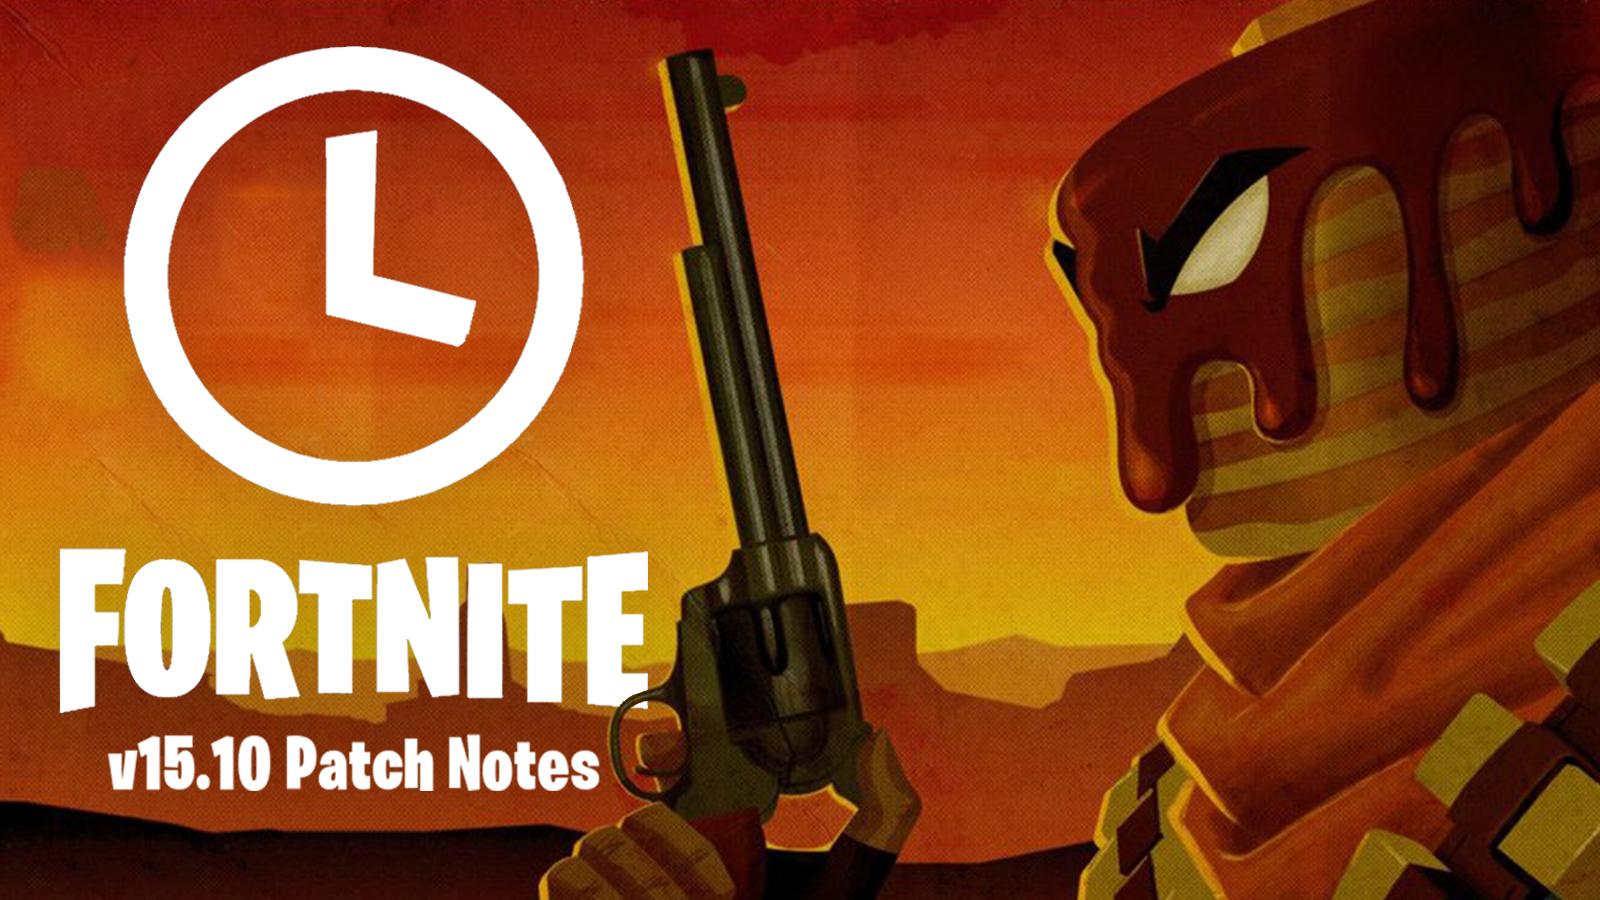 Fortnite update adds Mancake gun, Winterfest.